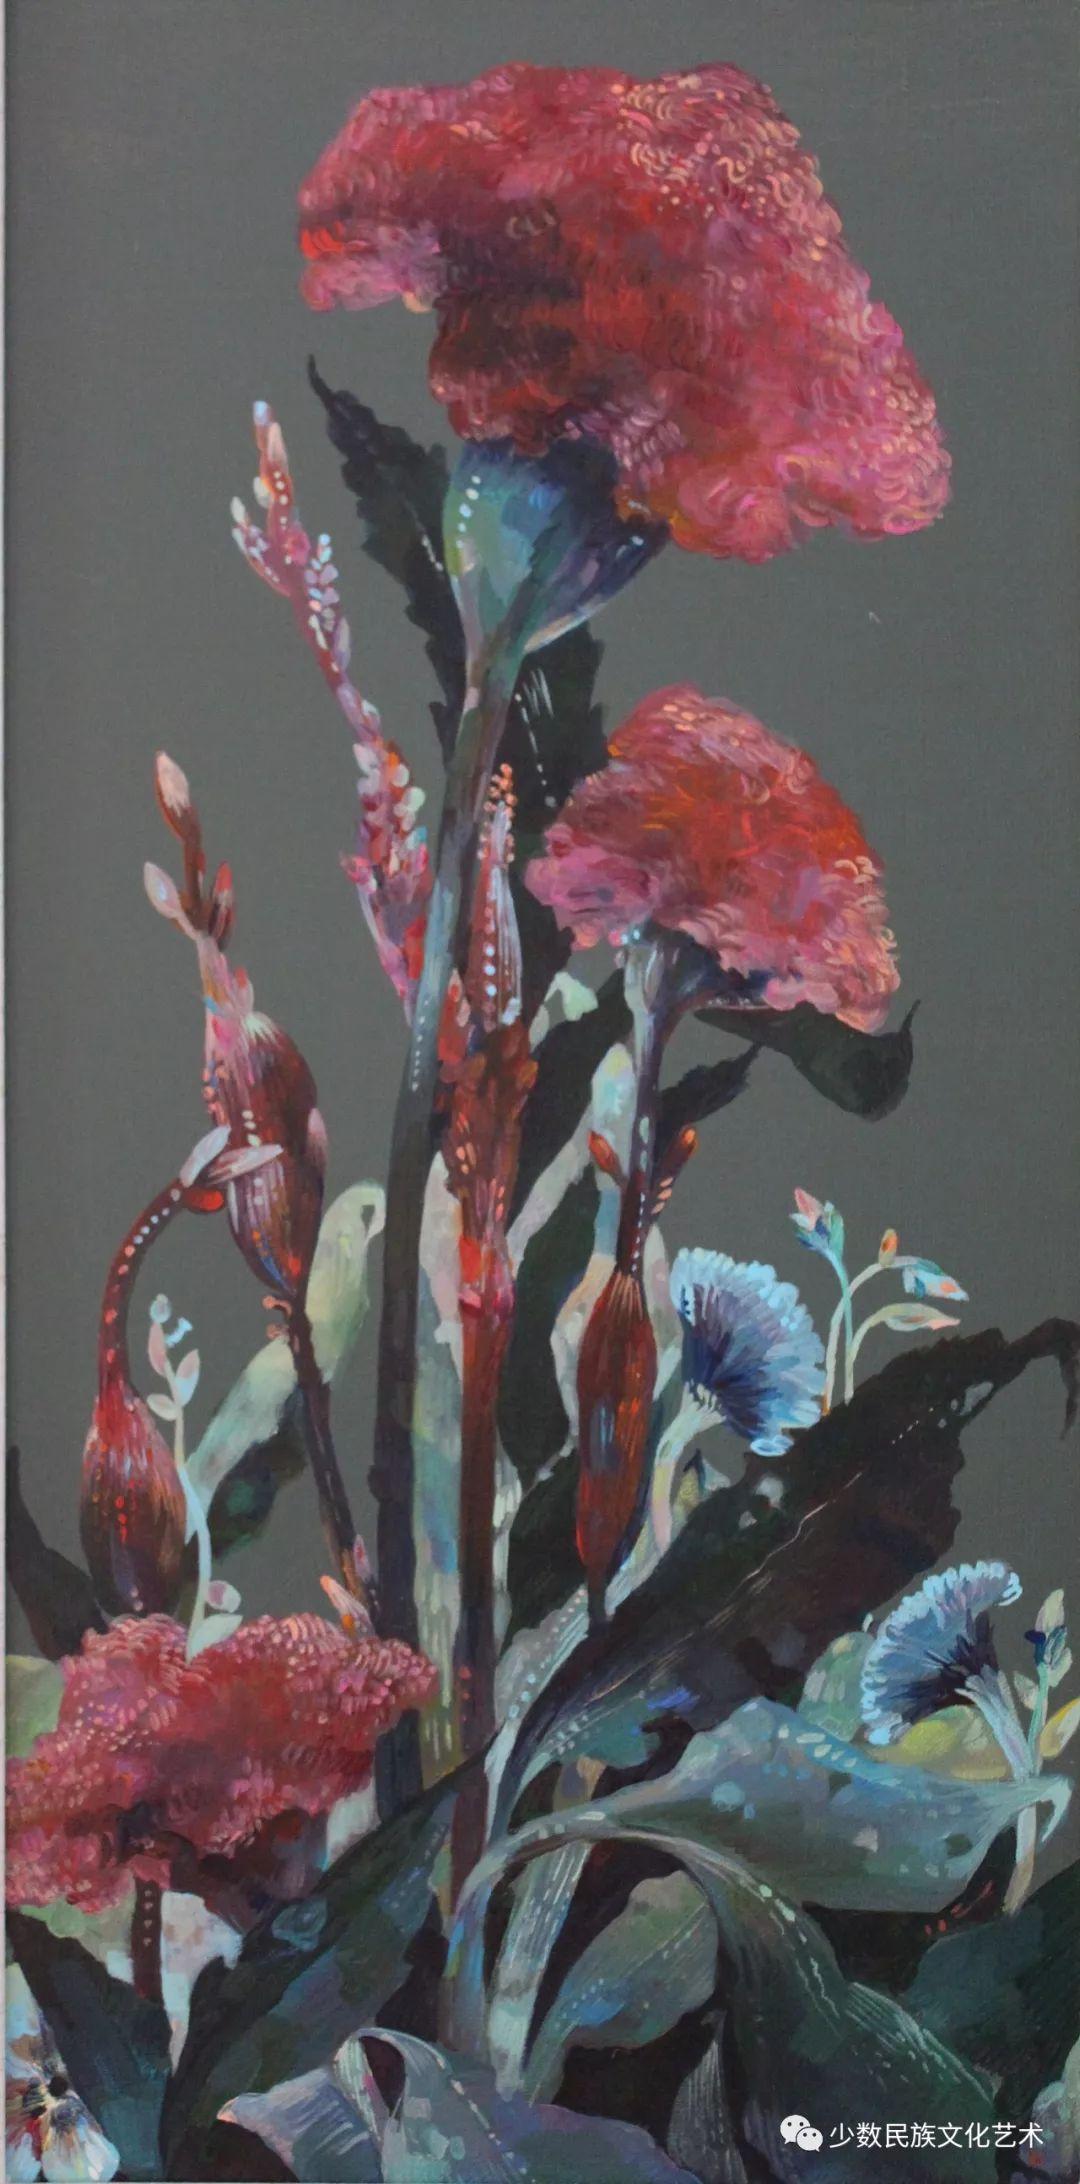 生活.礼物——蒙古族画家杨佳作品欣赏 第2张